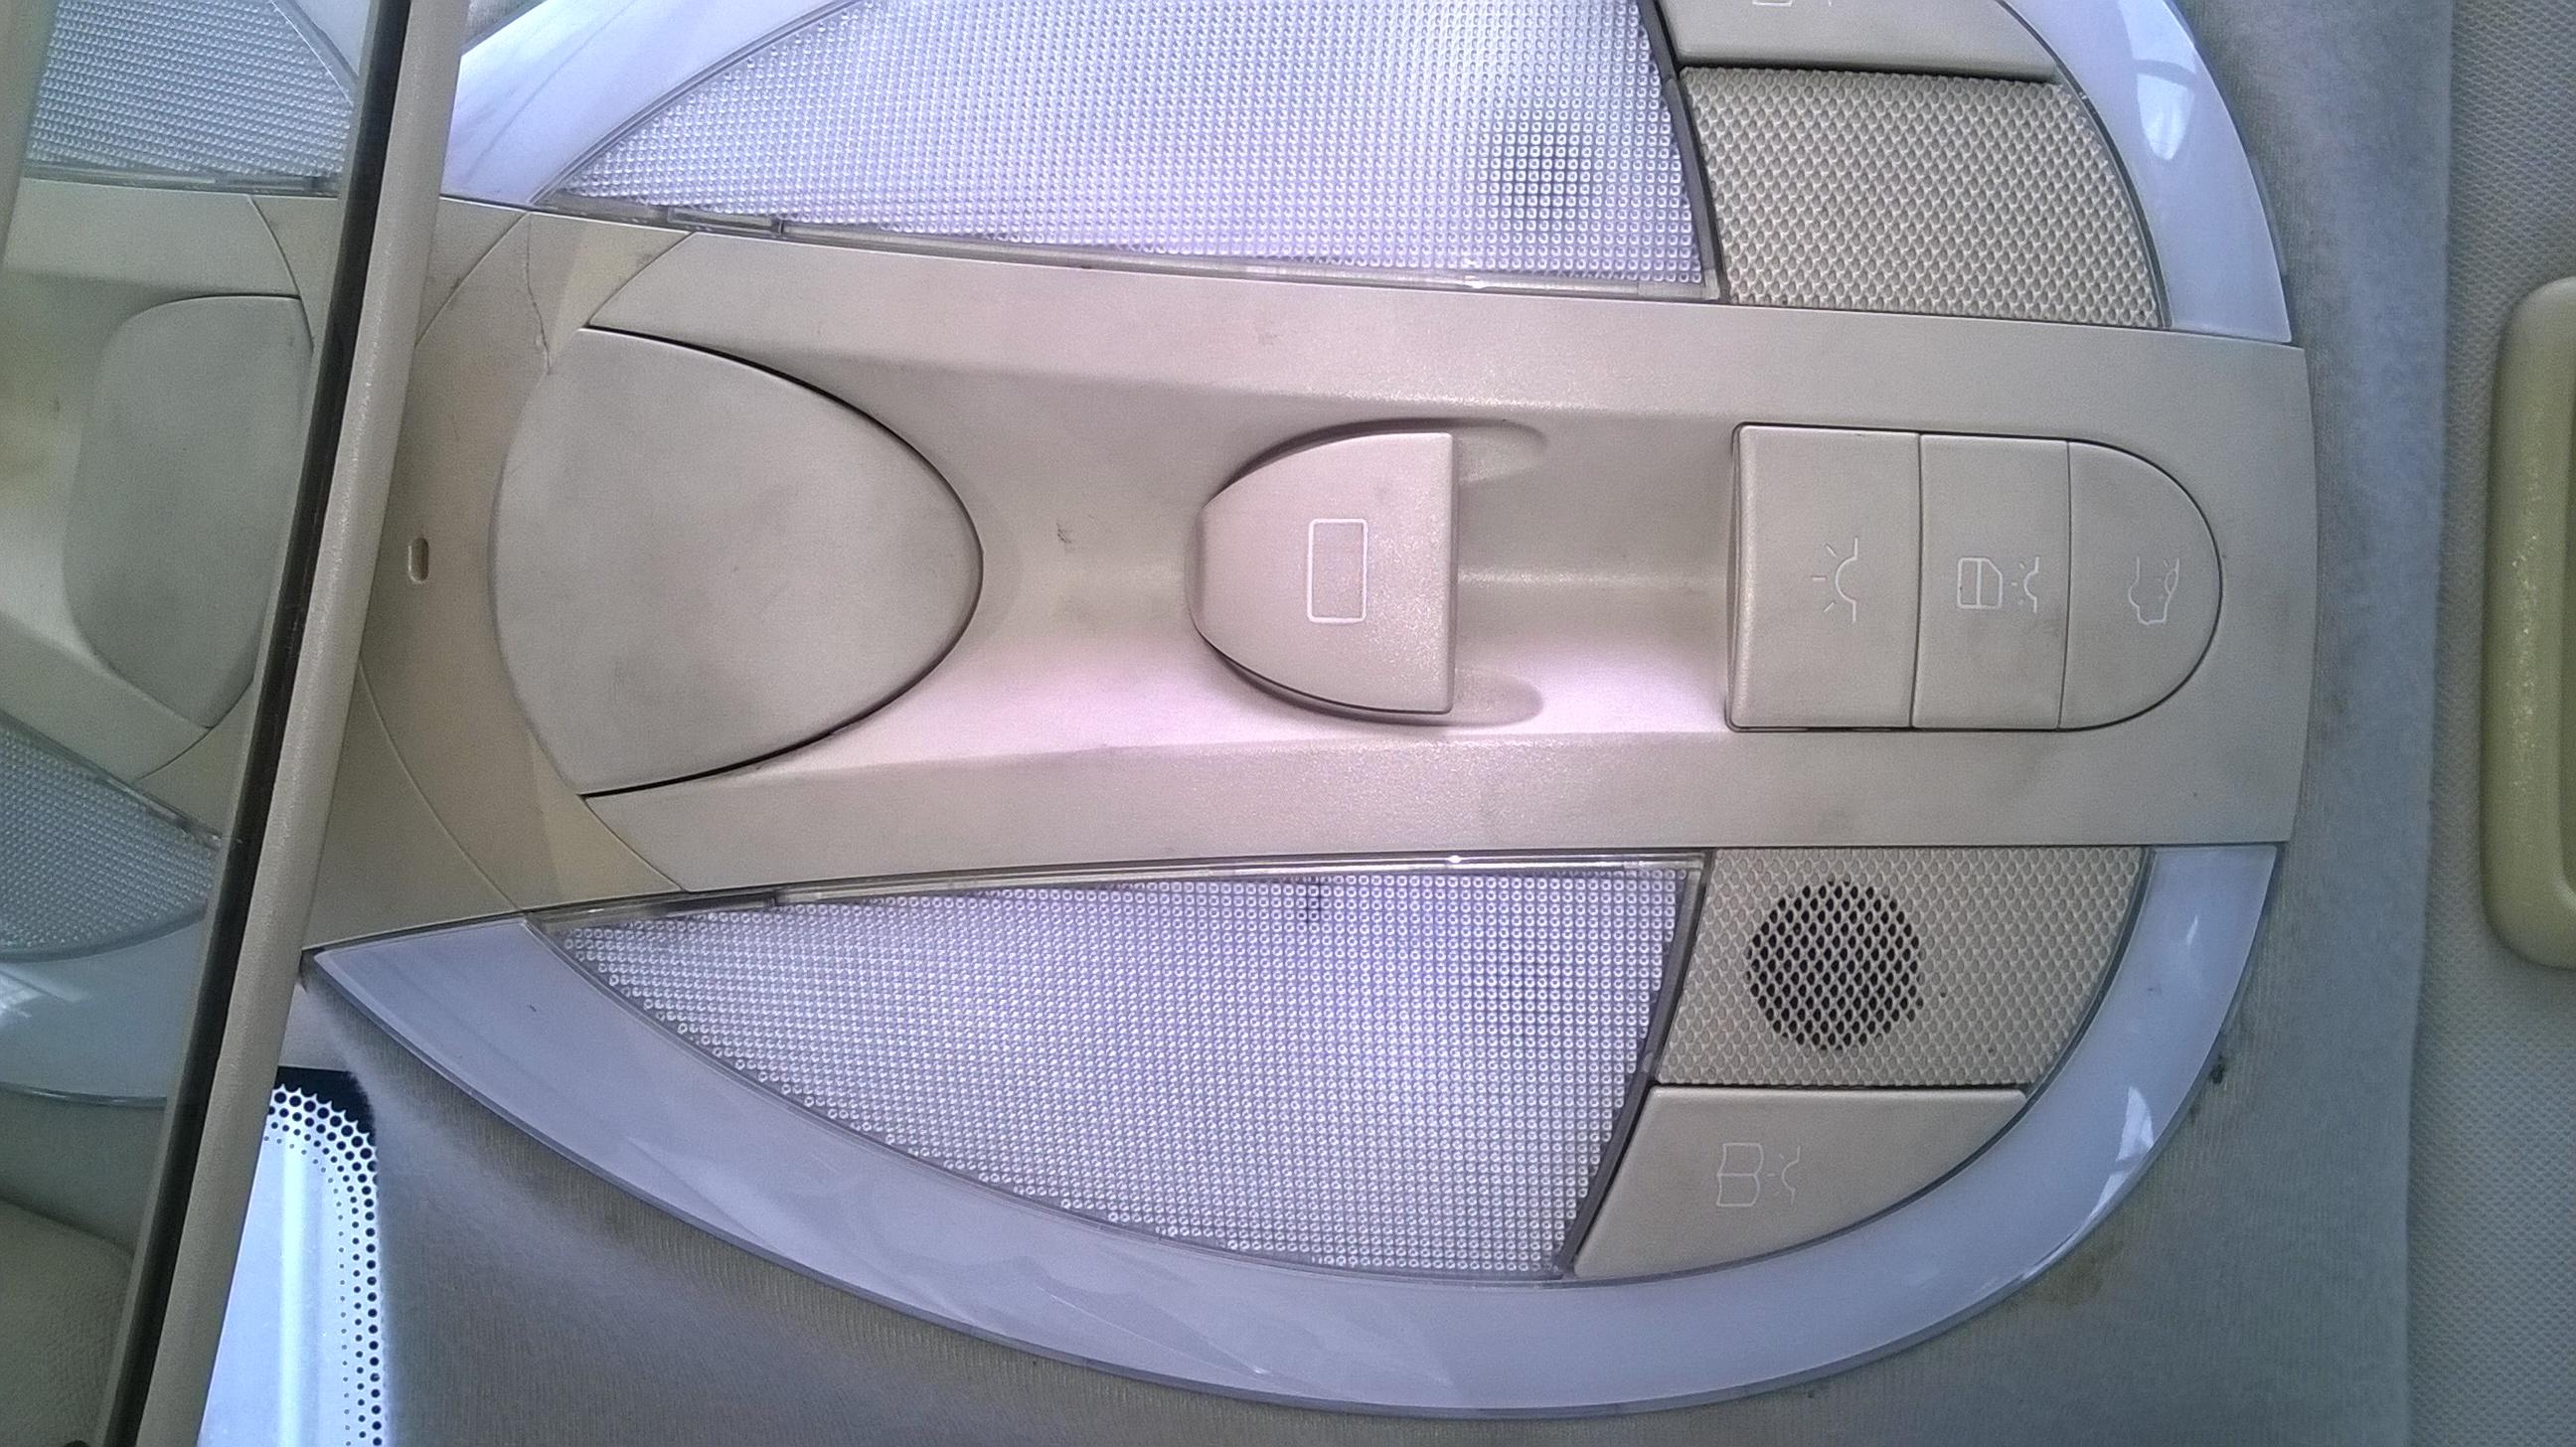 Benz E280-V6 Upper control panel repair